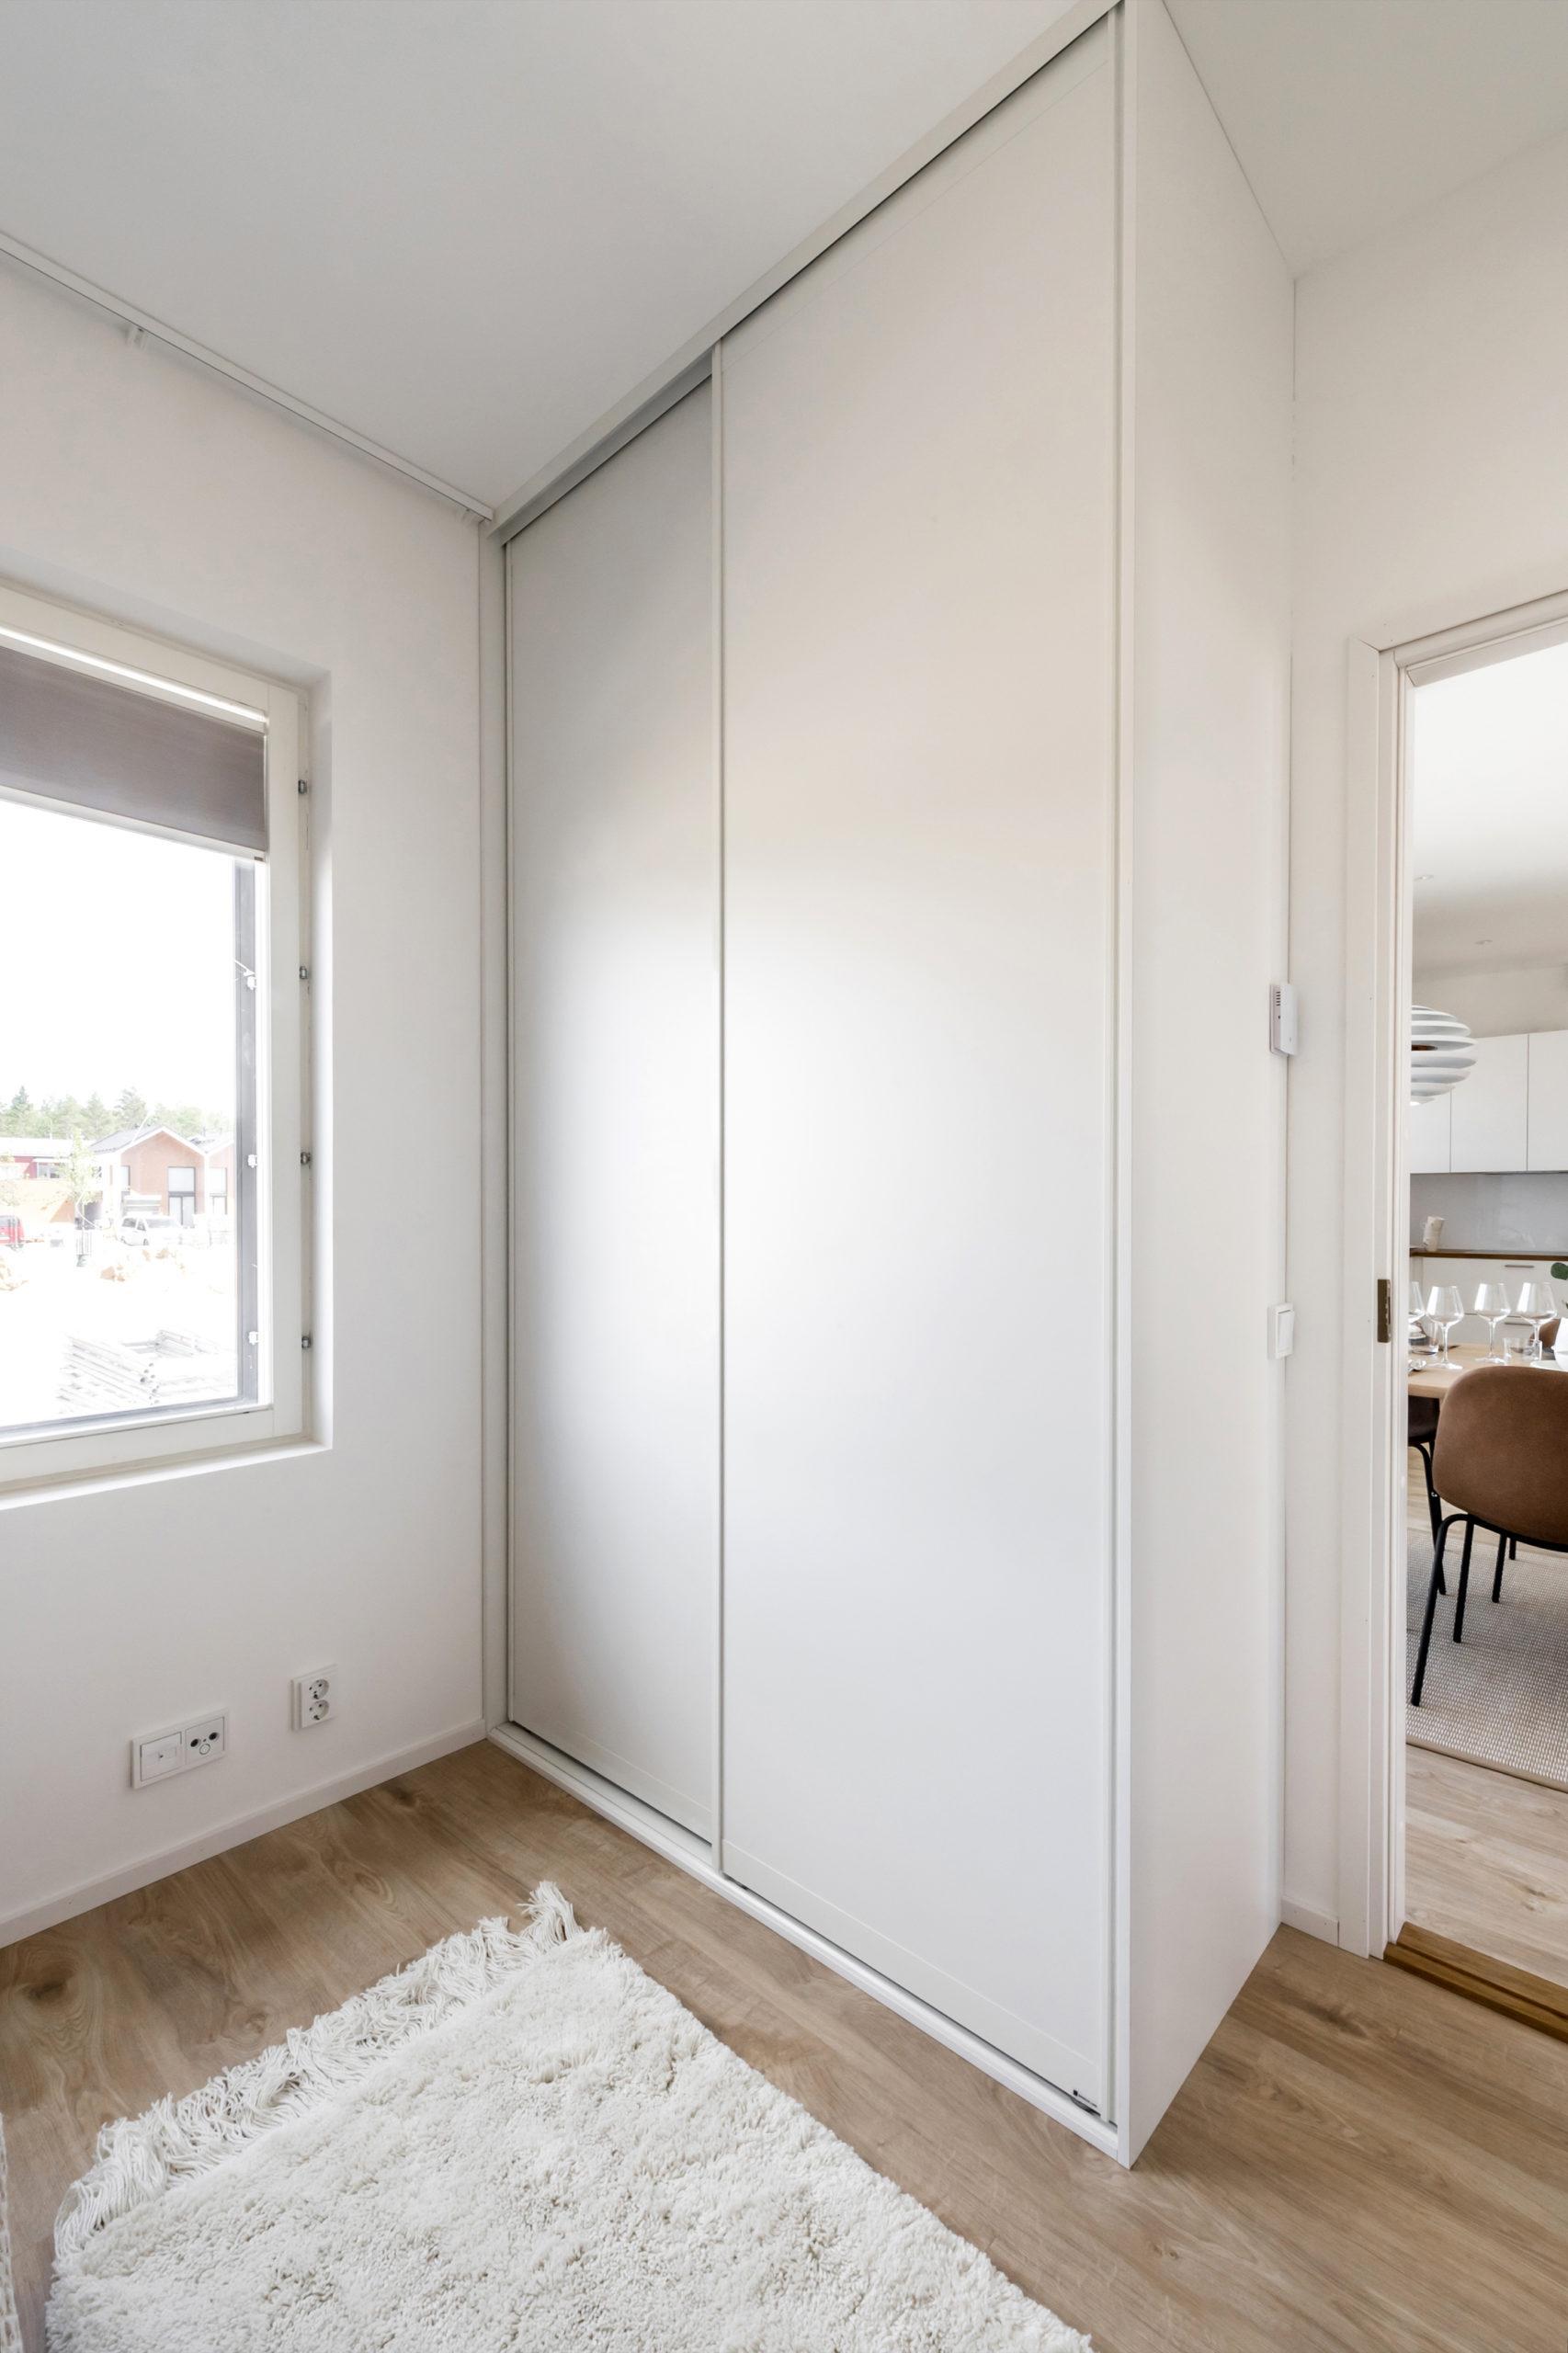 Skjutdörrarna i gästrummet är designade med Twin aluminiumramar. Garderobens storlek 150cm x 275 cm. Priset på helheten 14 269 SEK.